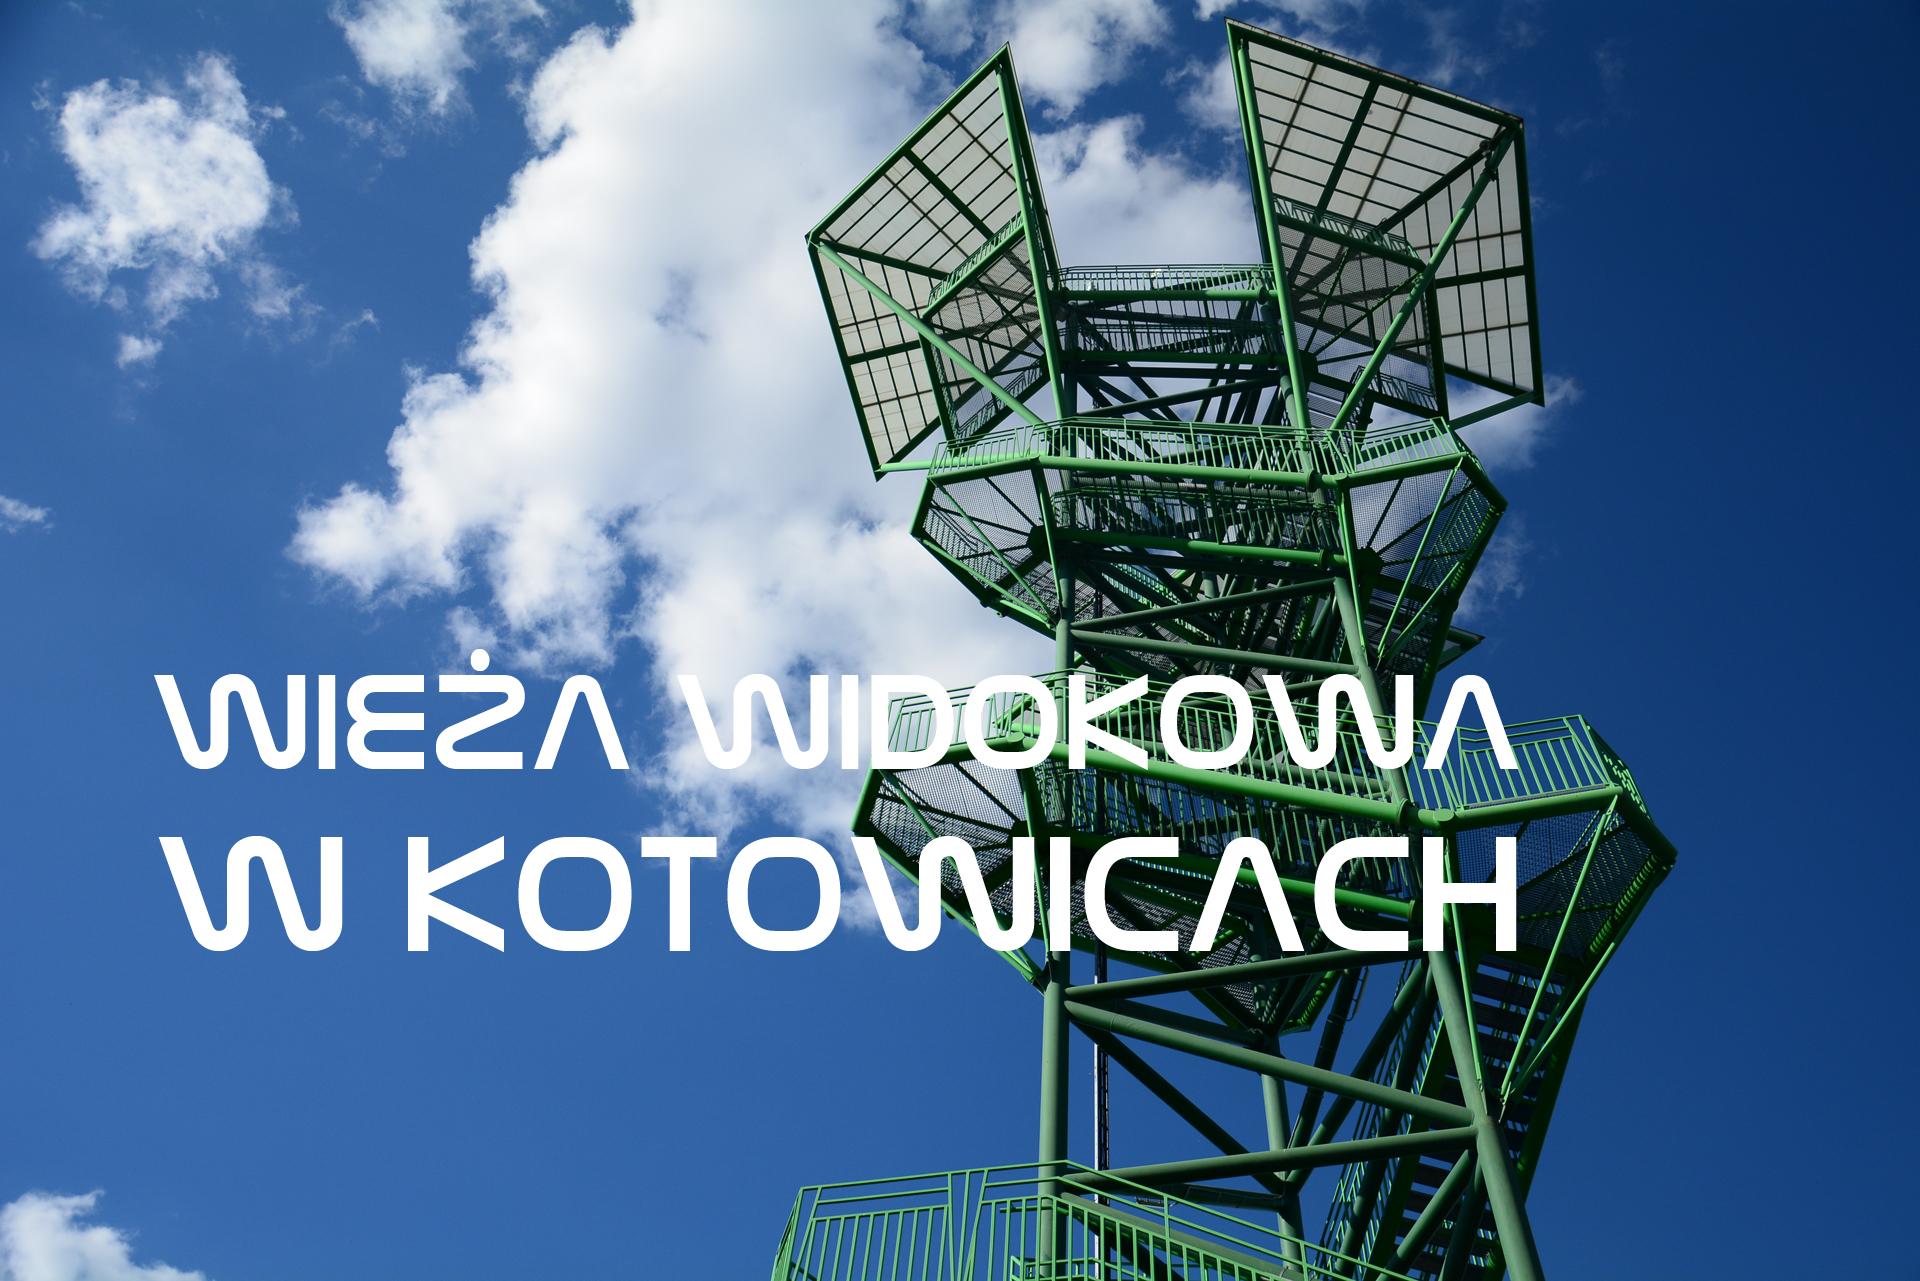 Wieża widokowa w Kotowicach | Ciekawe miejsca w okolicy Wrocławia